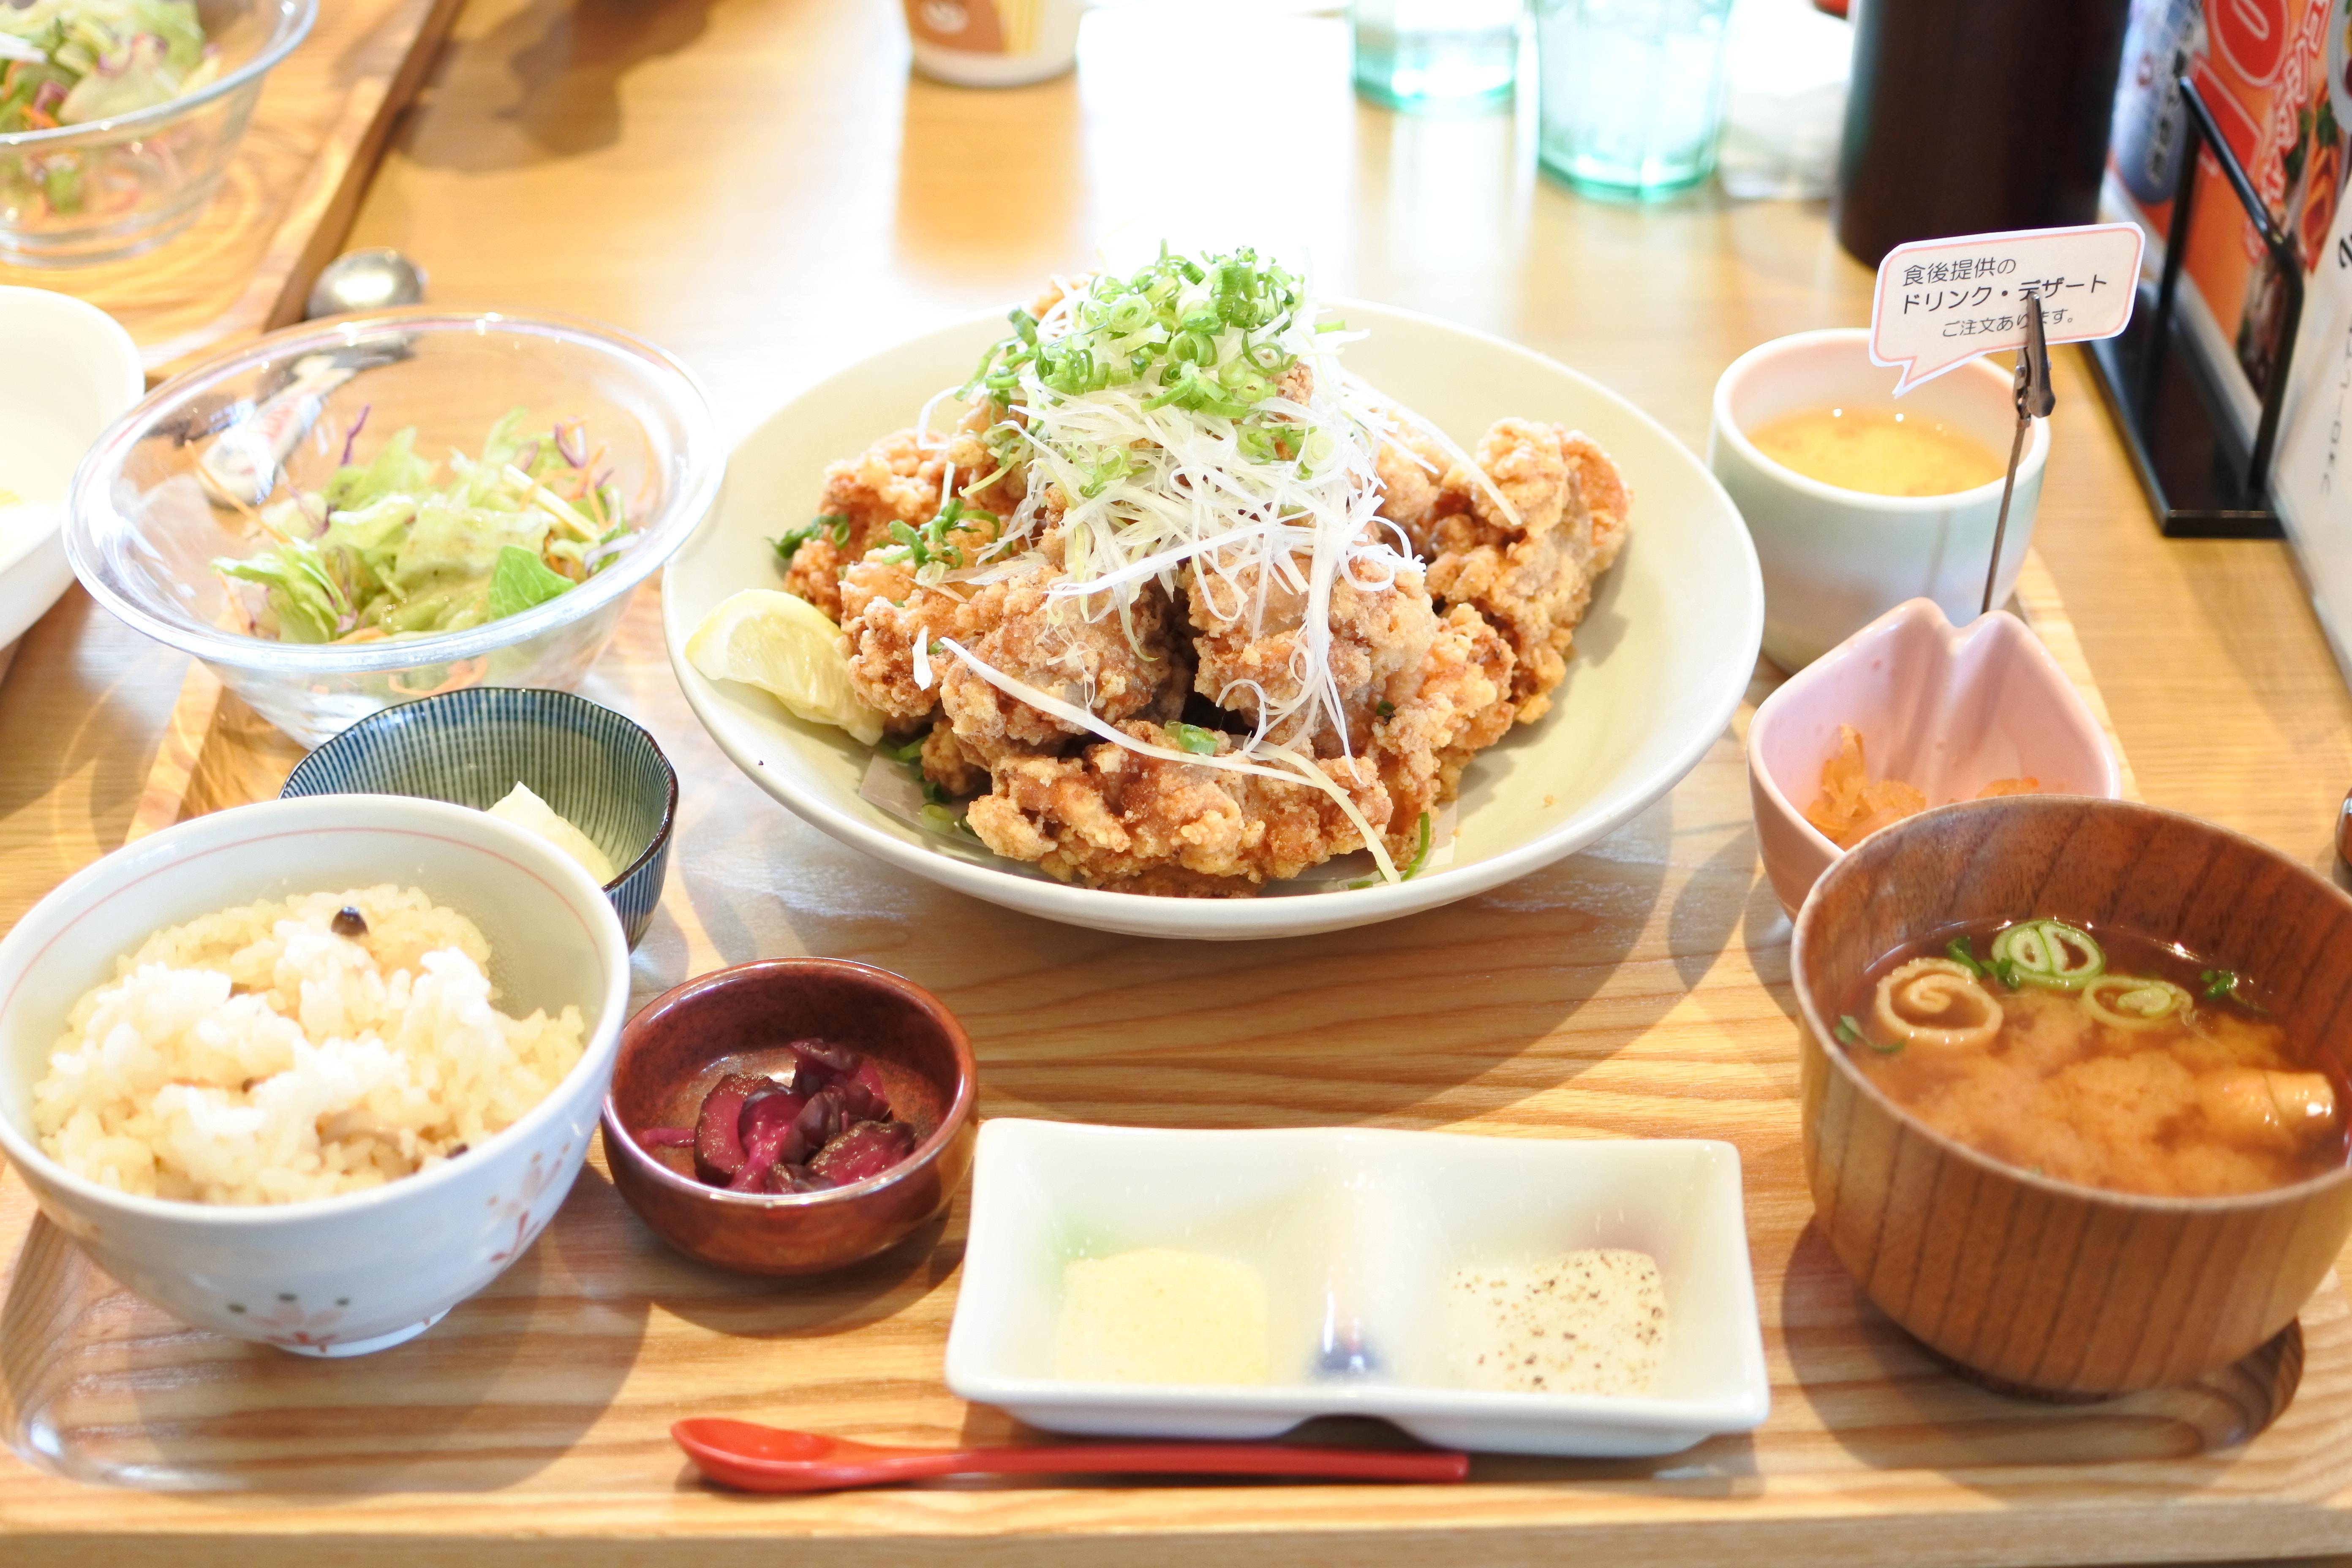 栄養バランス抜群の定食を、リーズナブルに。ごはんカフェ『お台所ふらり』 - DSC 1087